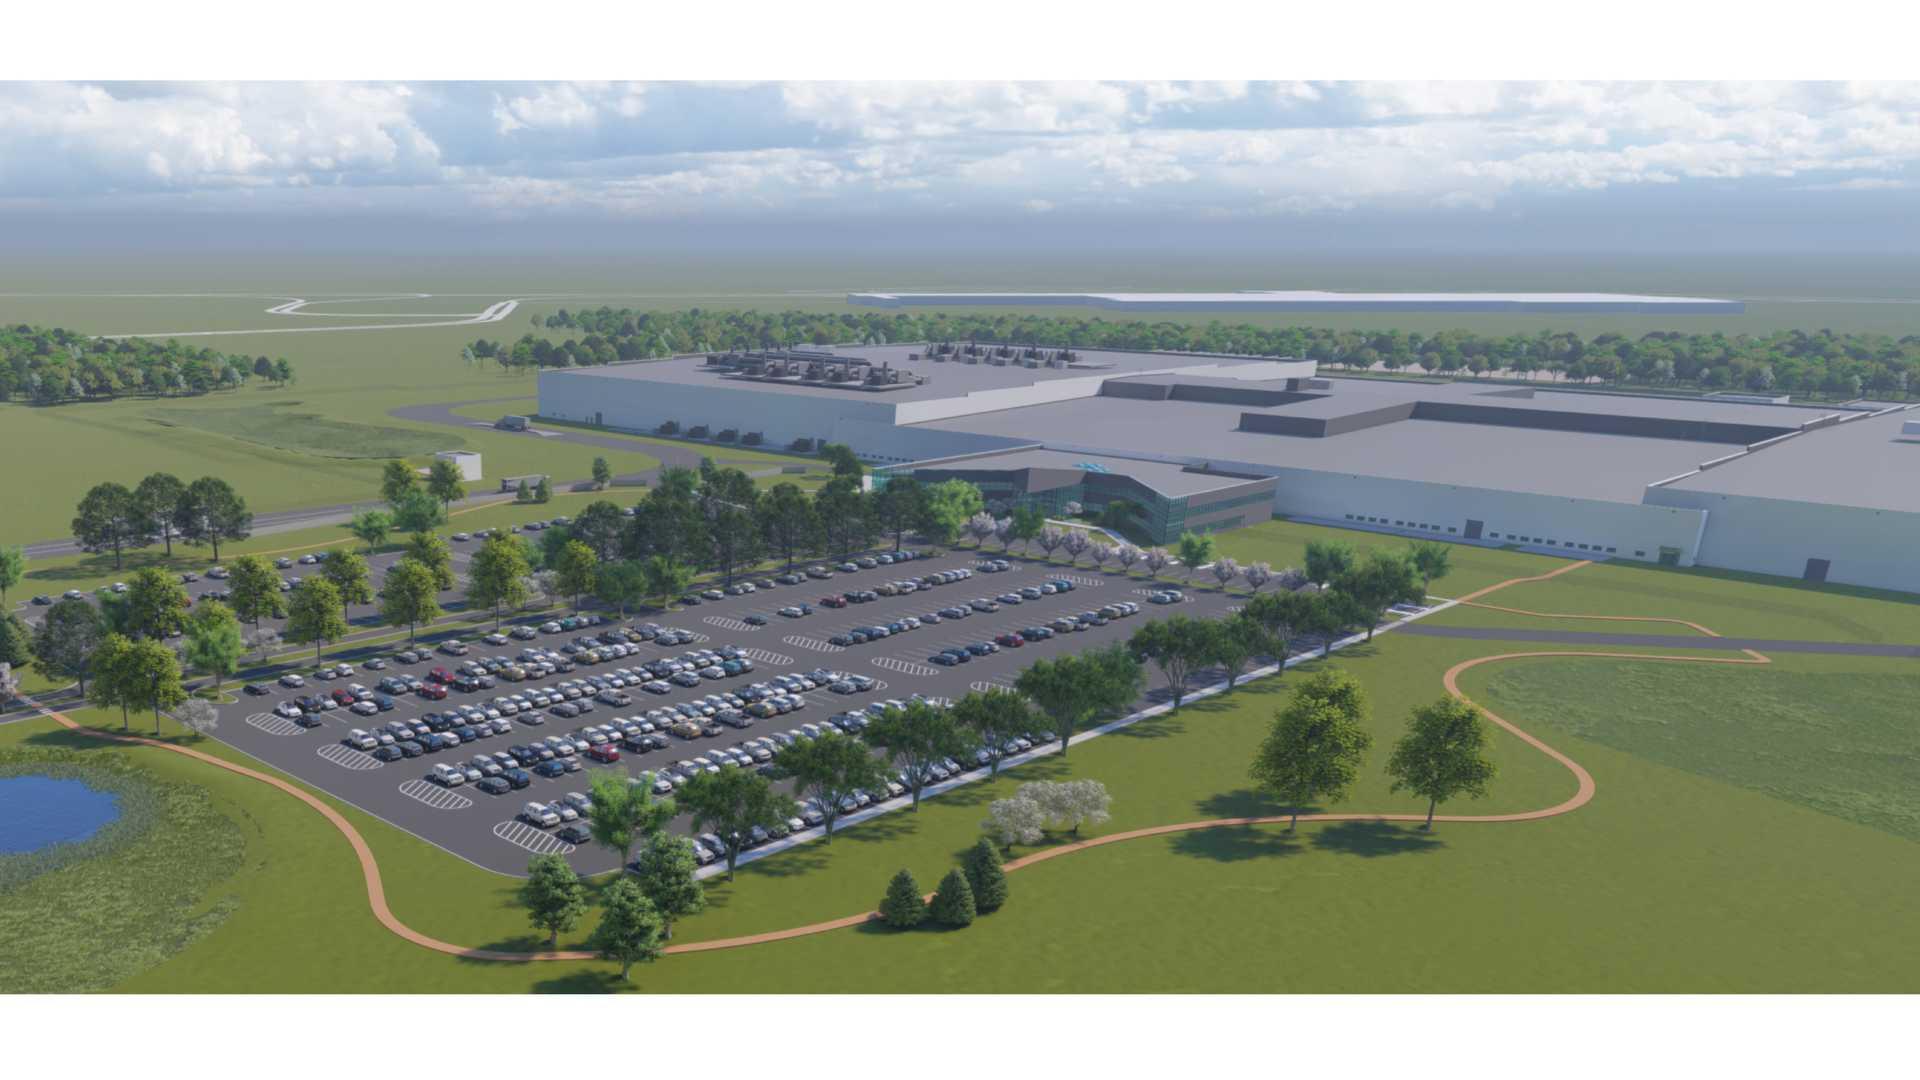 Ultium Cells начинает подготовку к заводу по производству аккумуляторных элементов в Огайо